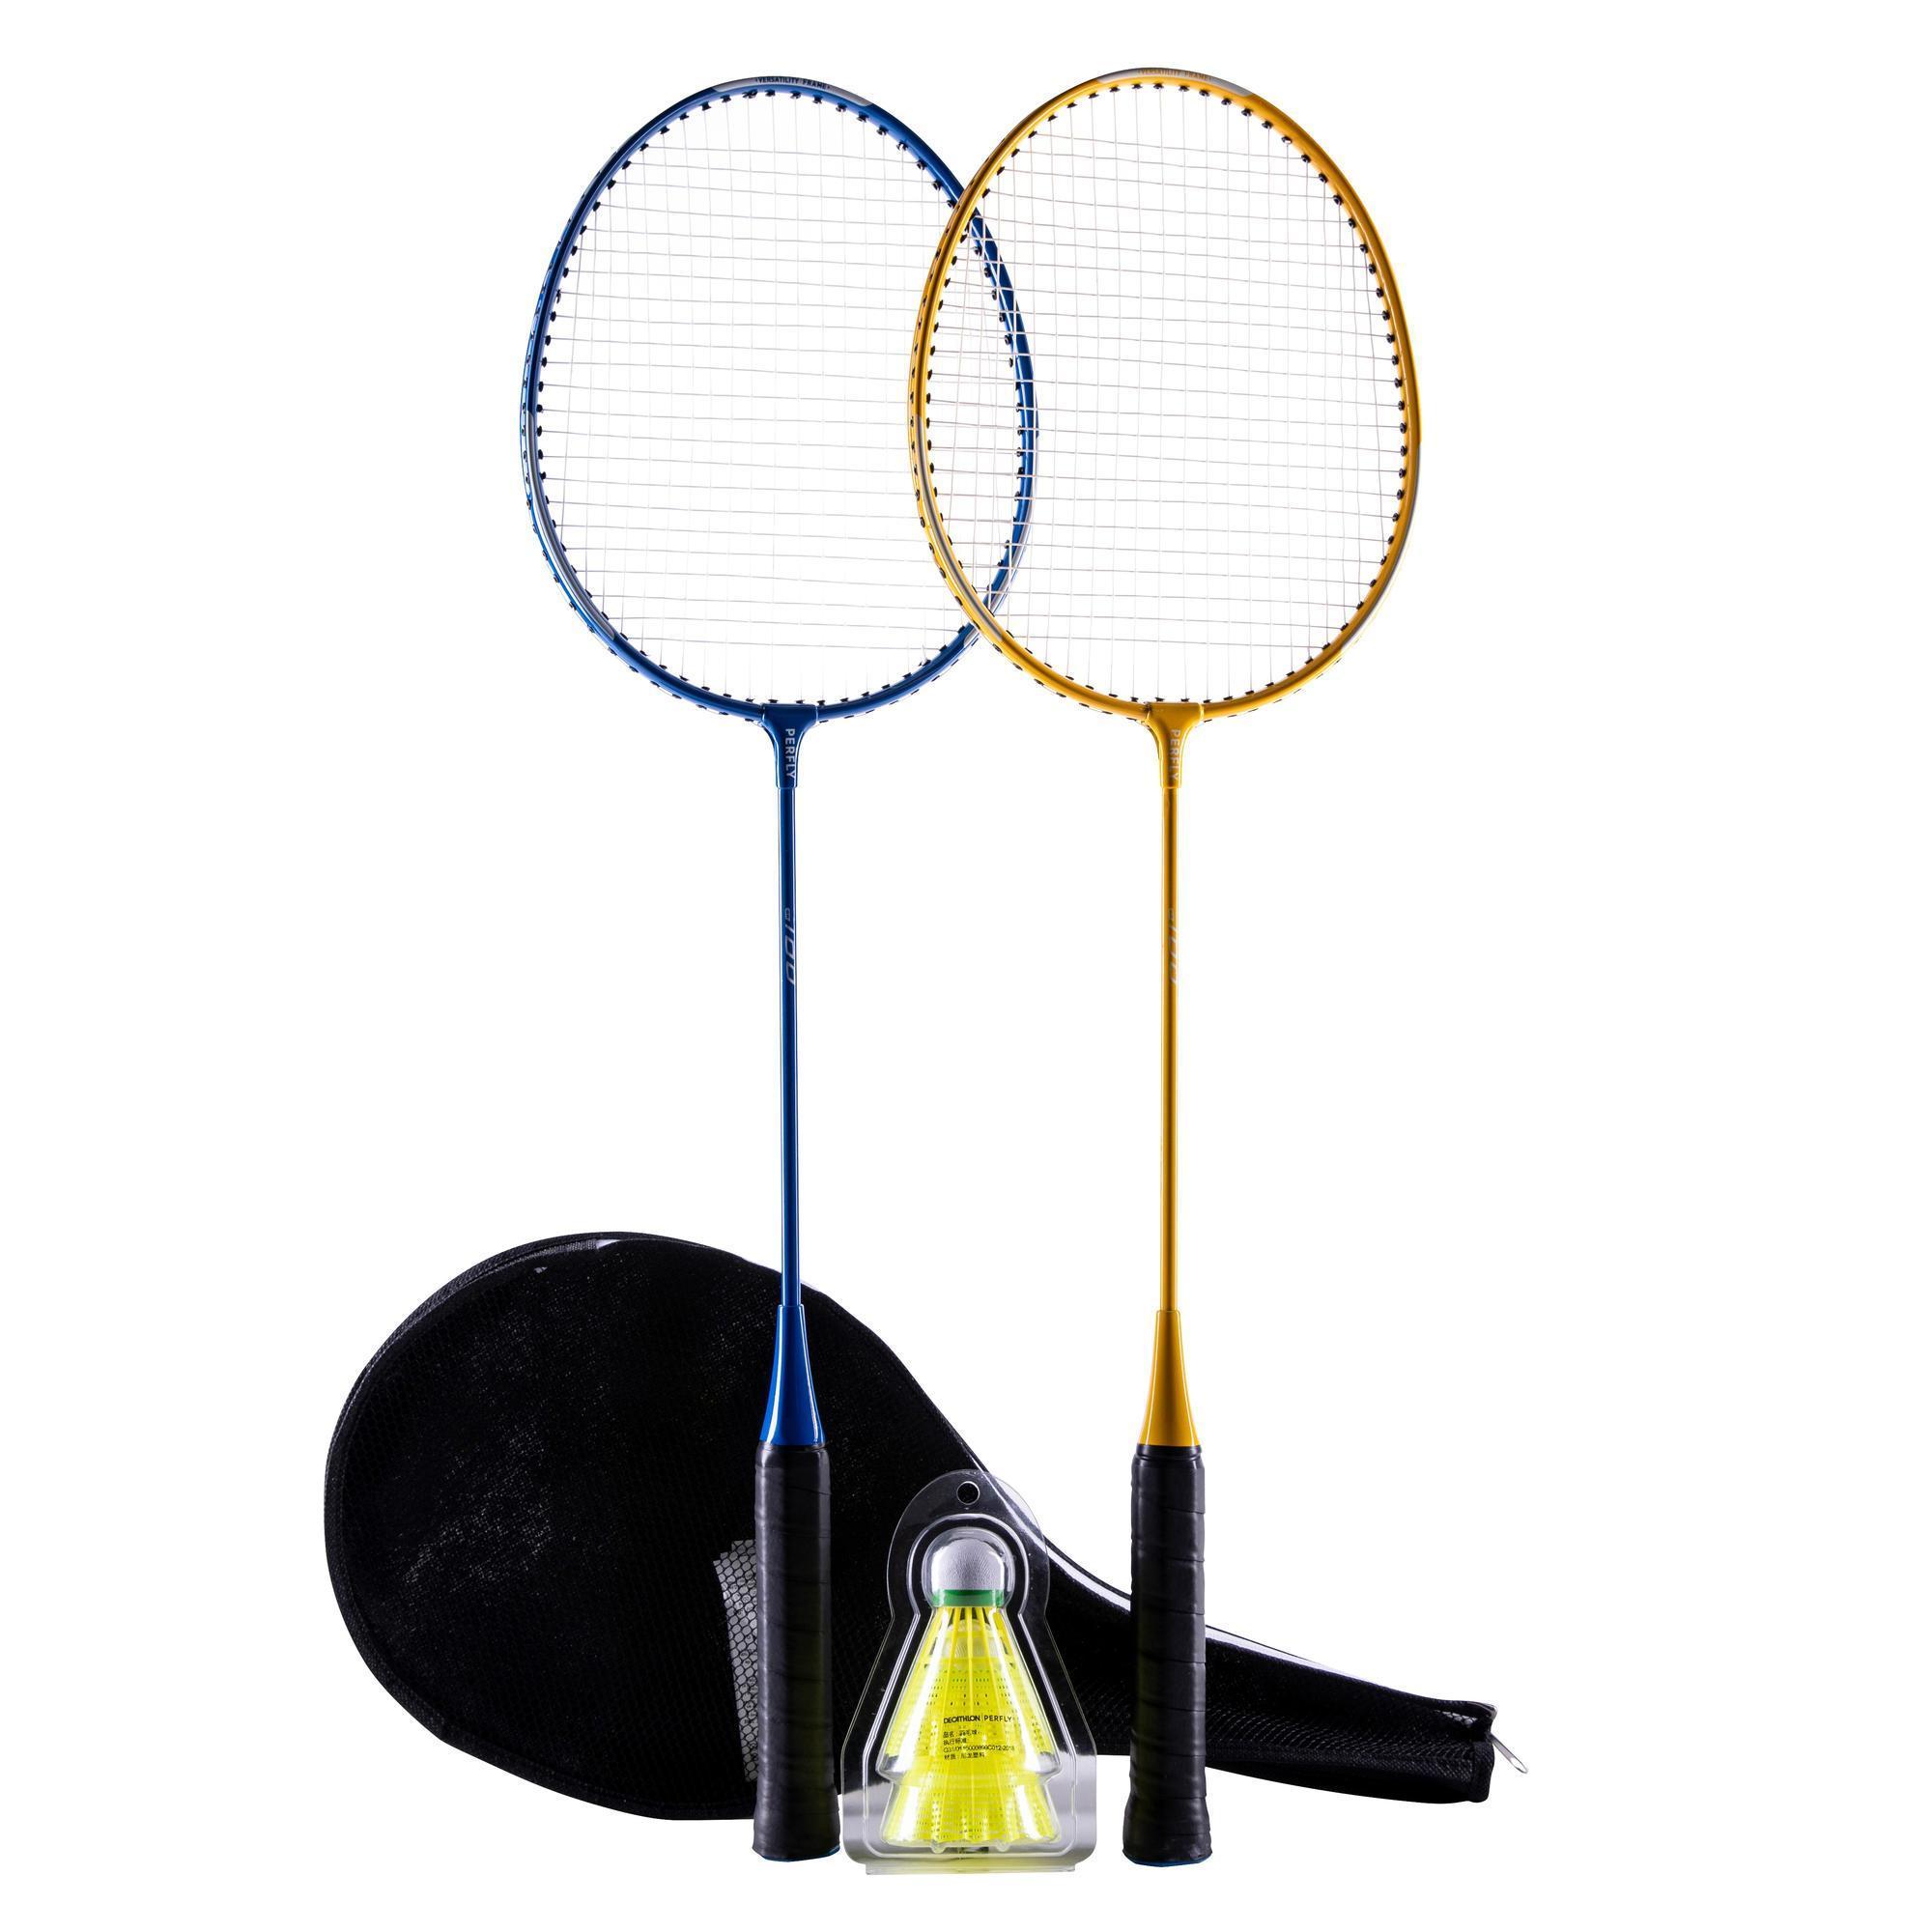 Perfly Badmintonracket BR100 Set Starter voor volwassenen geel/blauw kopen